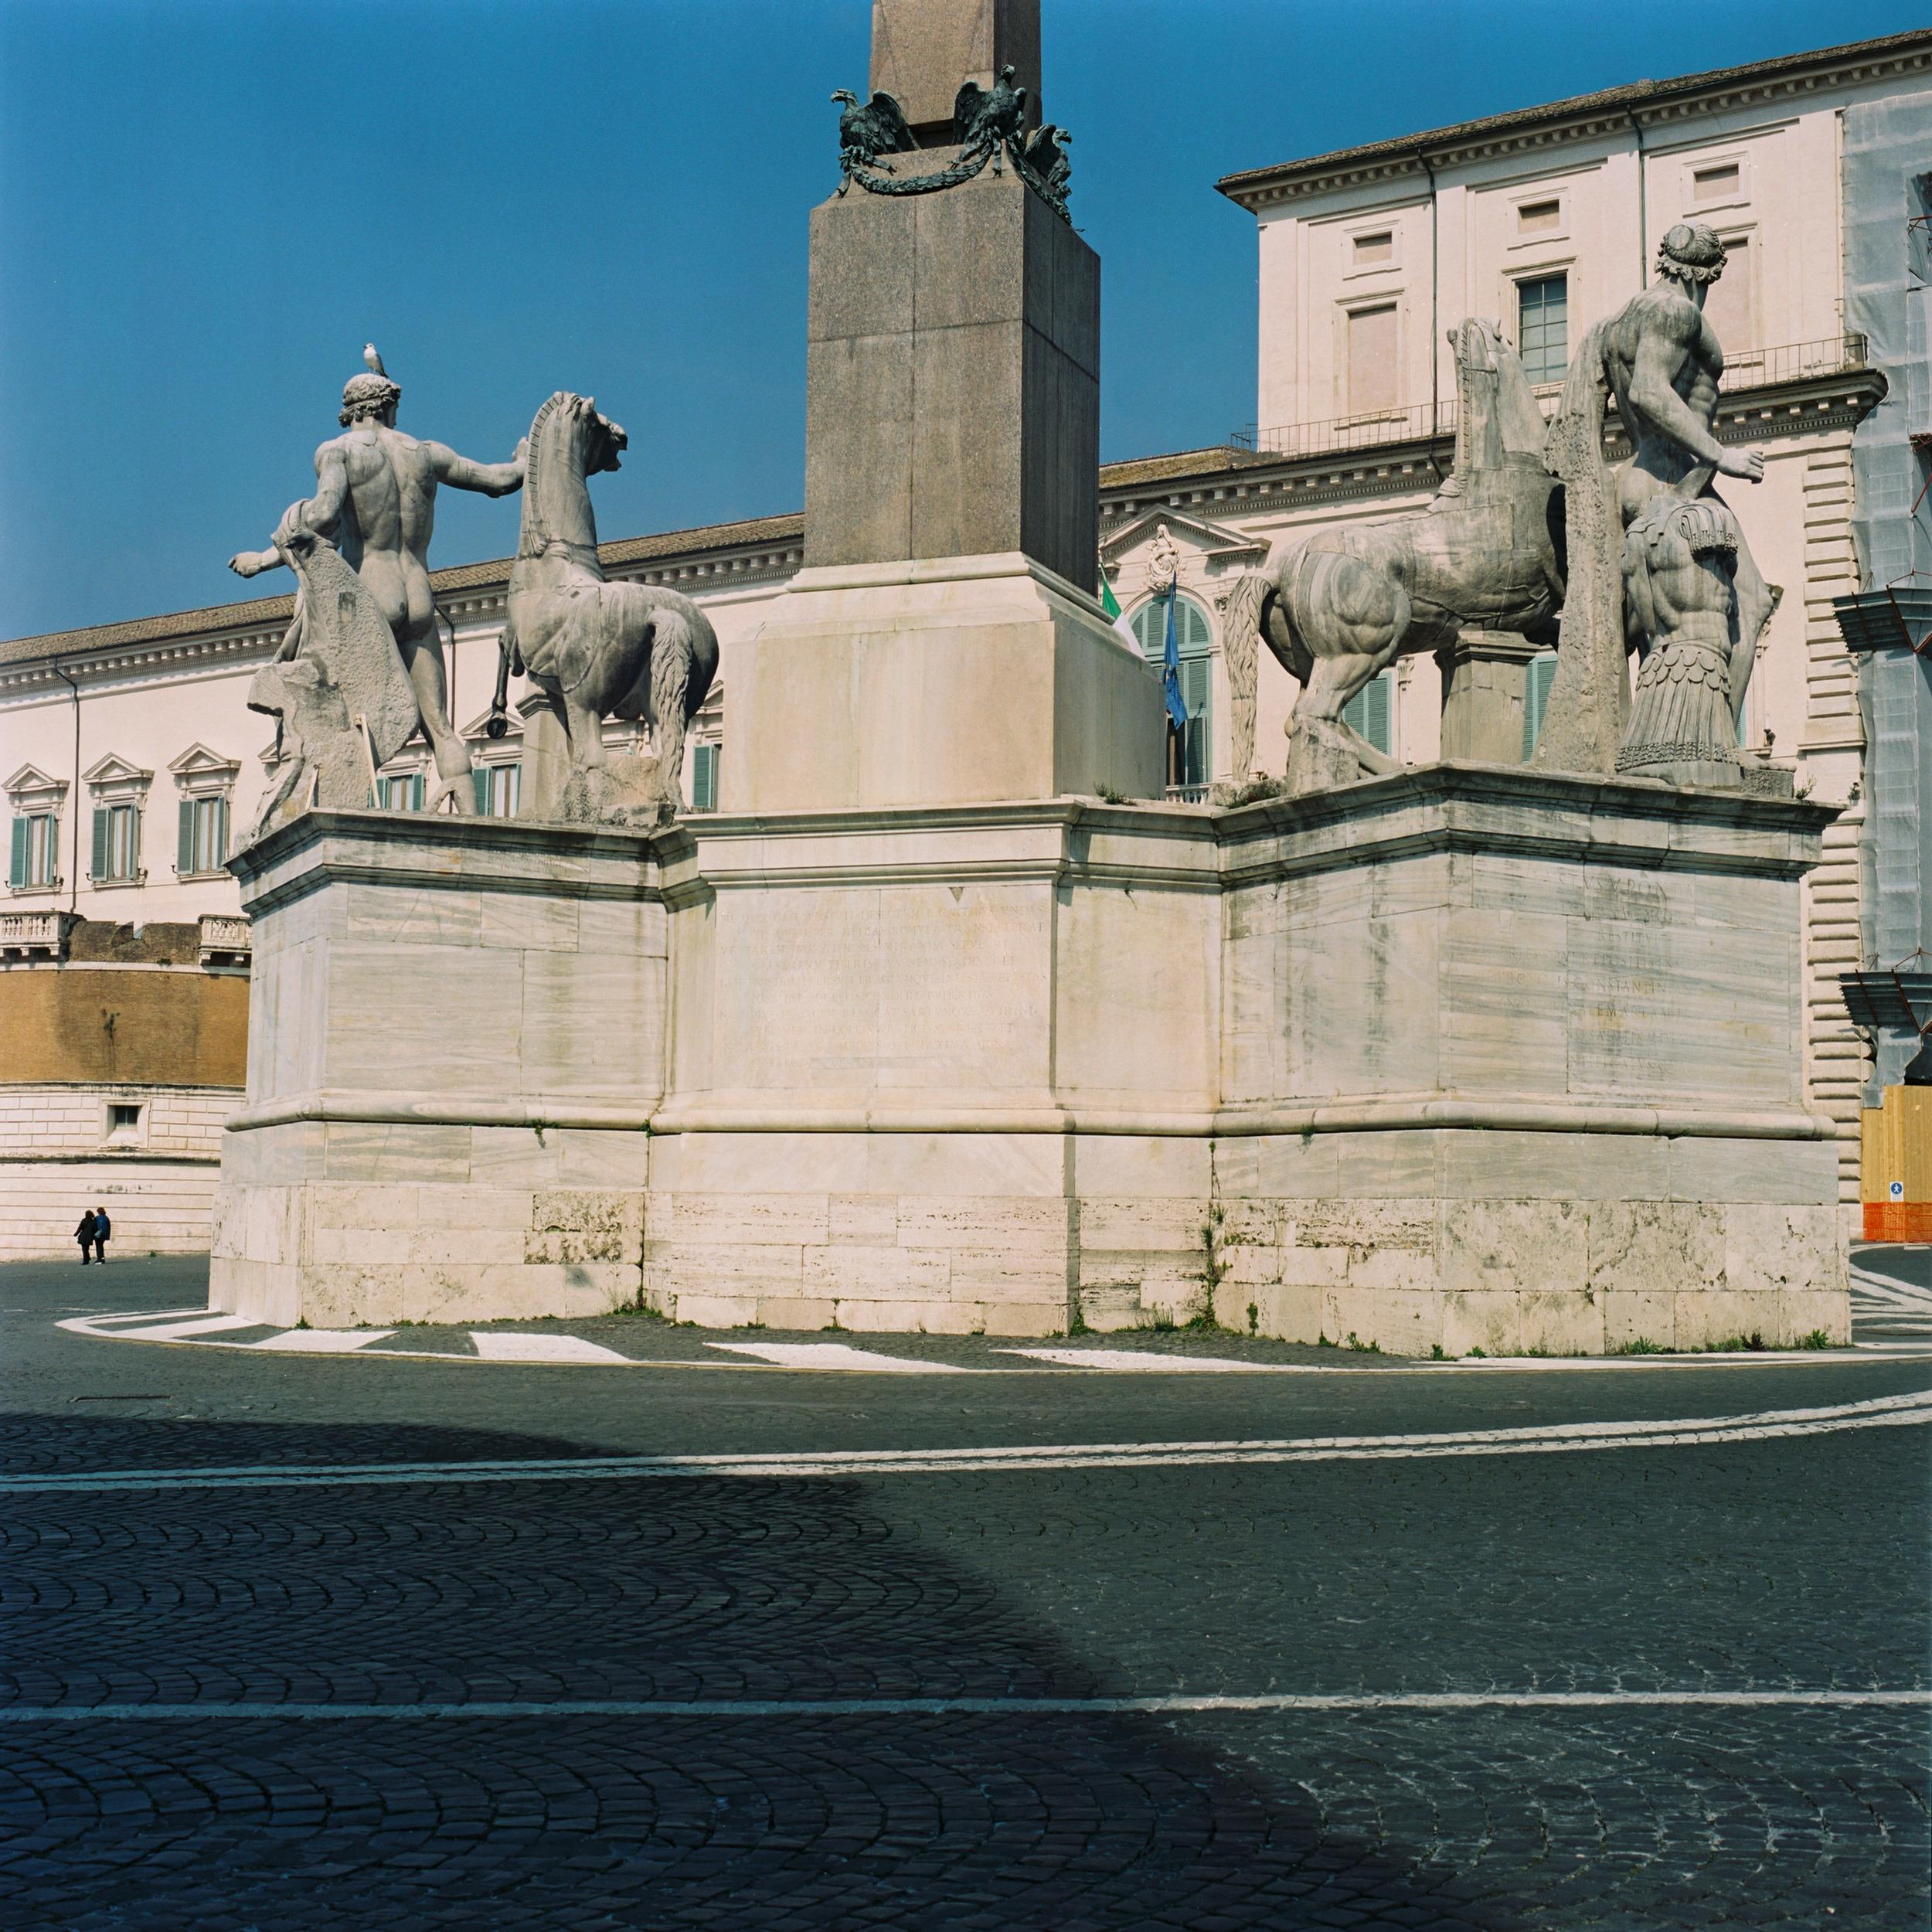 Piazza del Quirinale, Rome, 2015